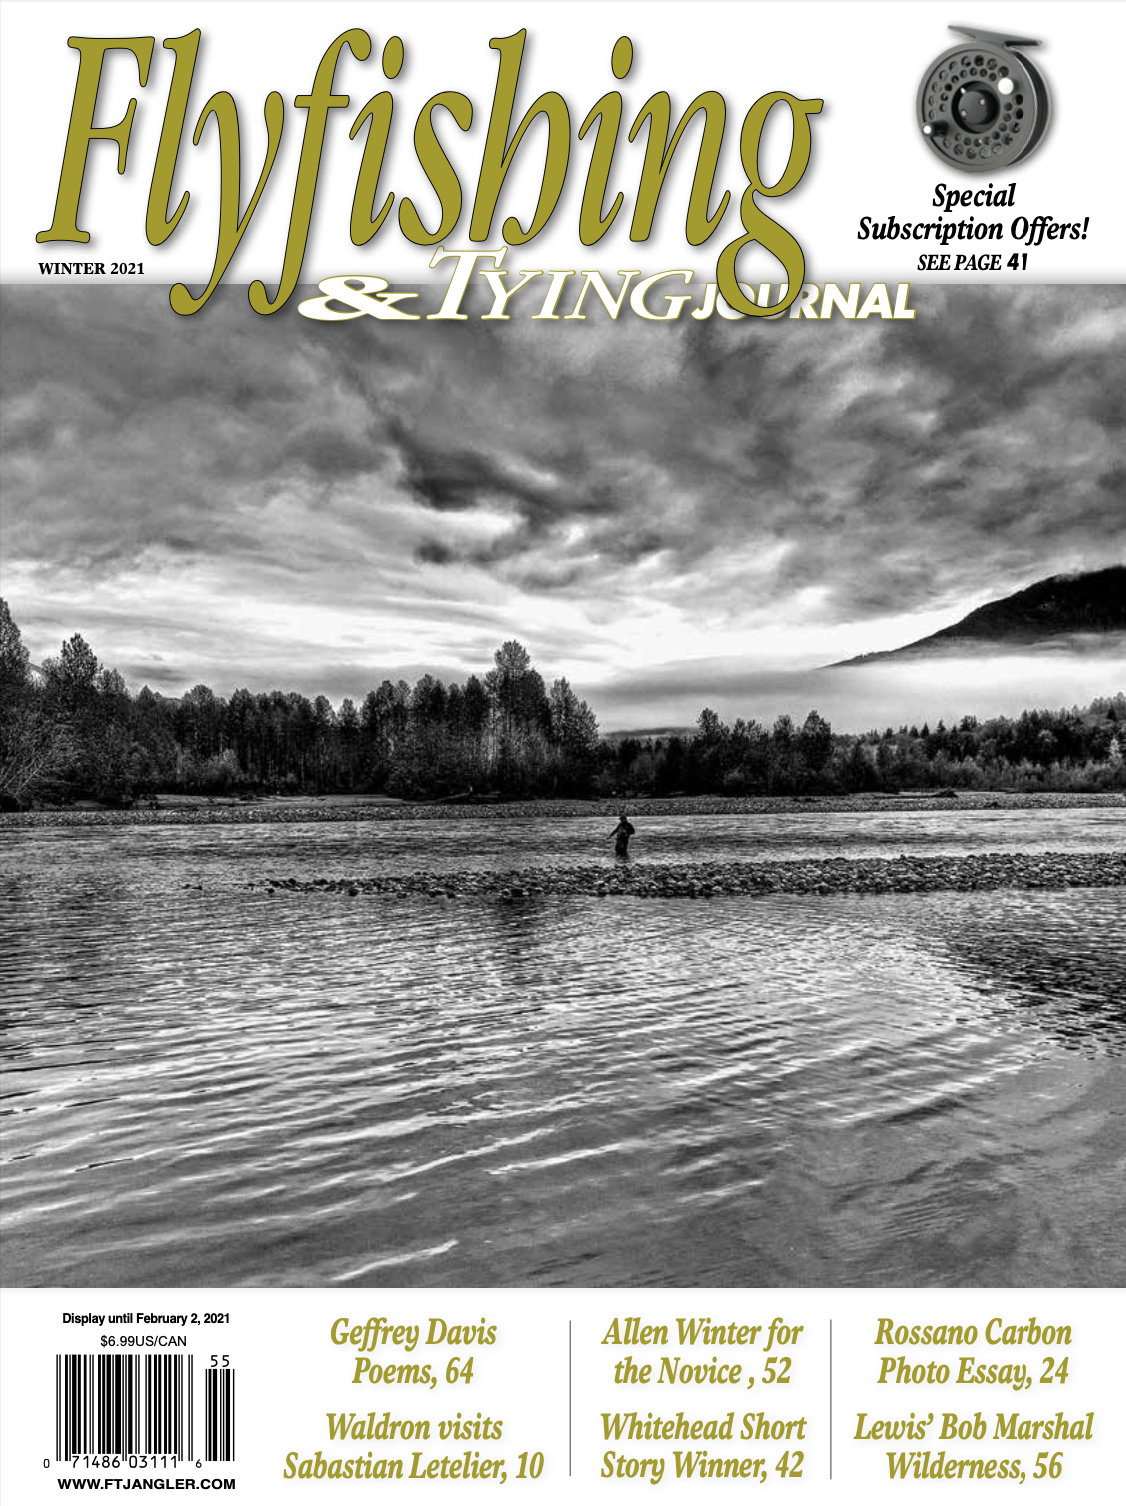 Flyfishing & Tying Journal - Winter 2021